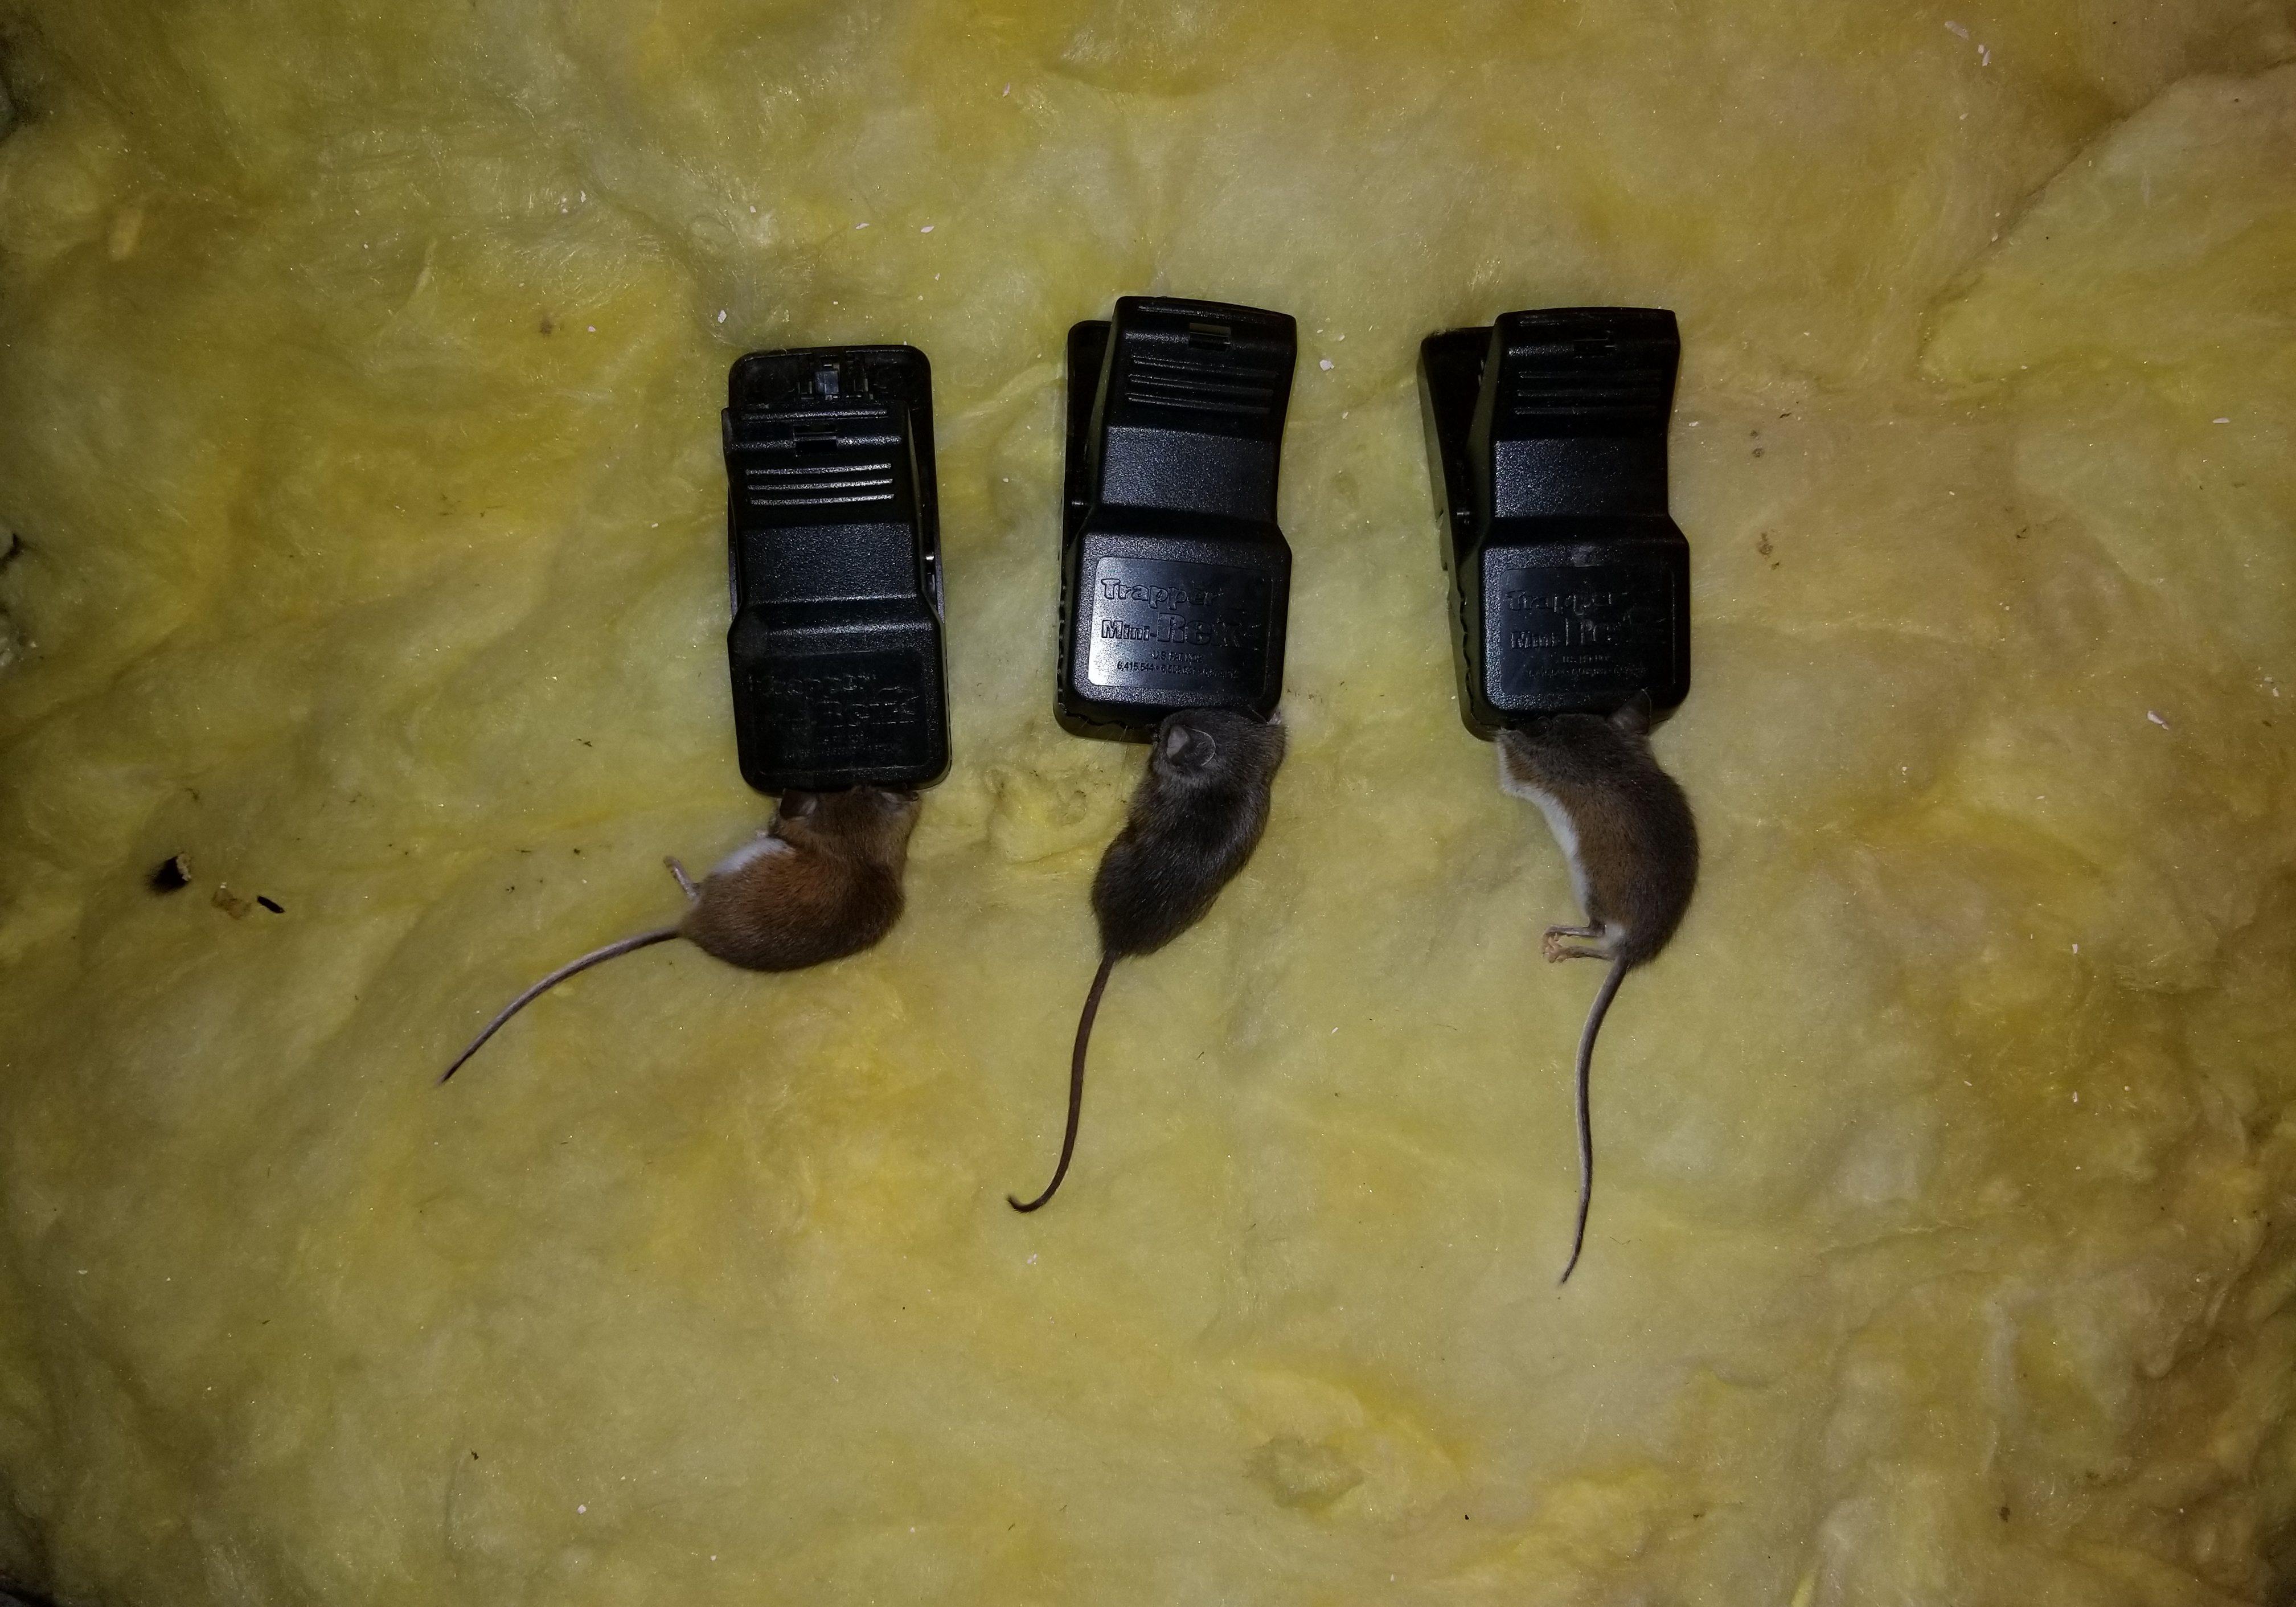 mice dead in traps